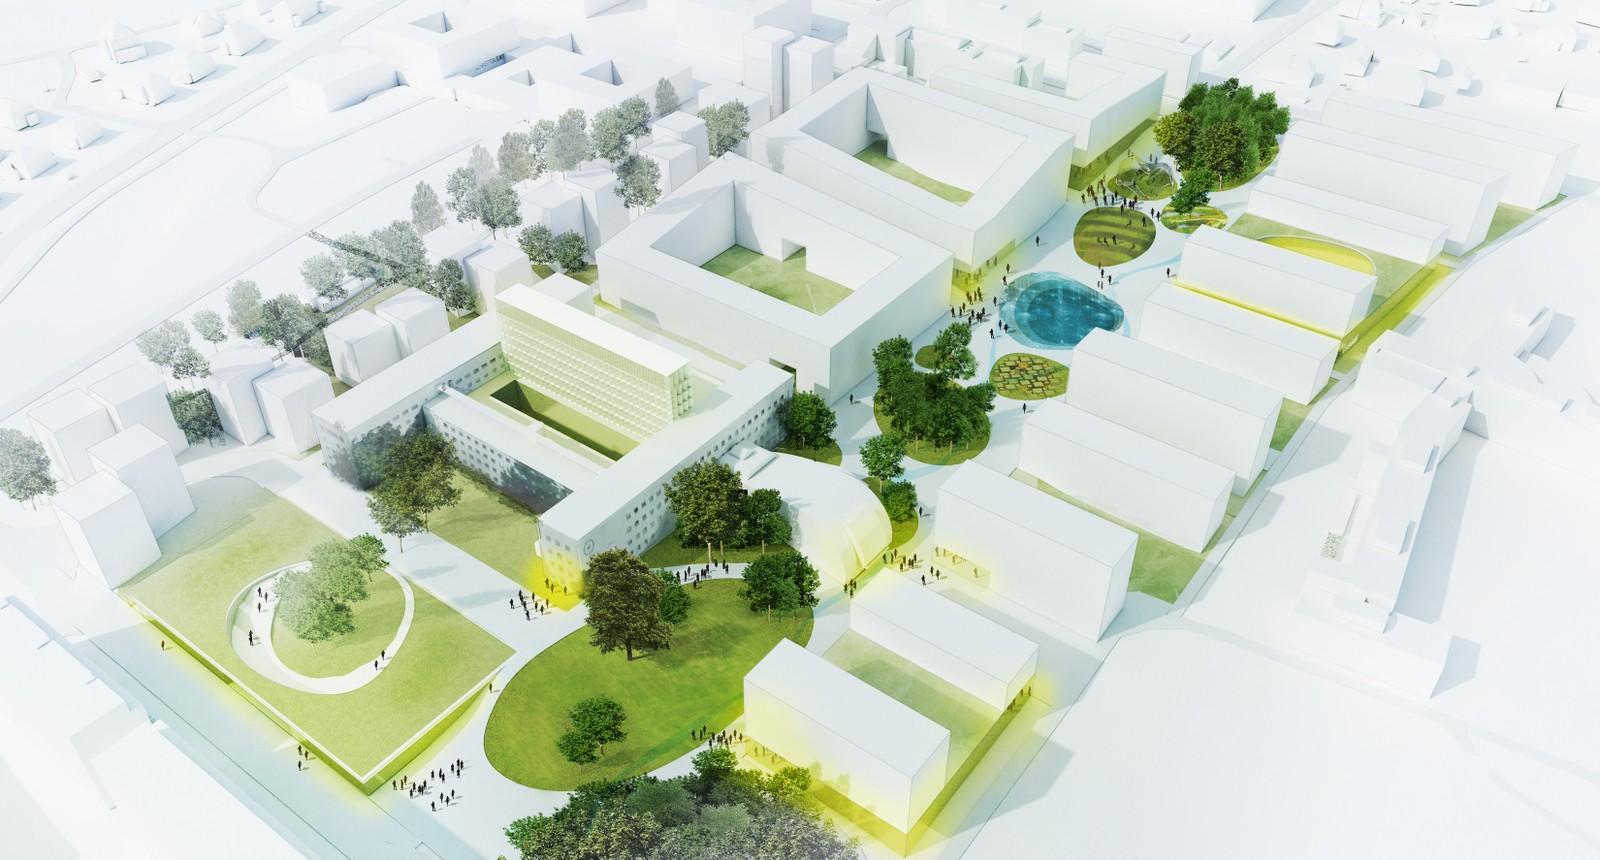 Rodeo, Rebuilding, Opak og Henning Larsen Arkitekter